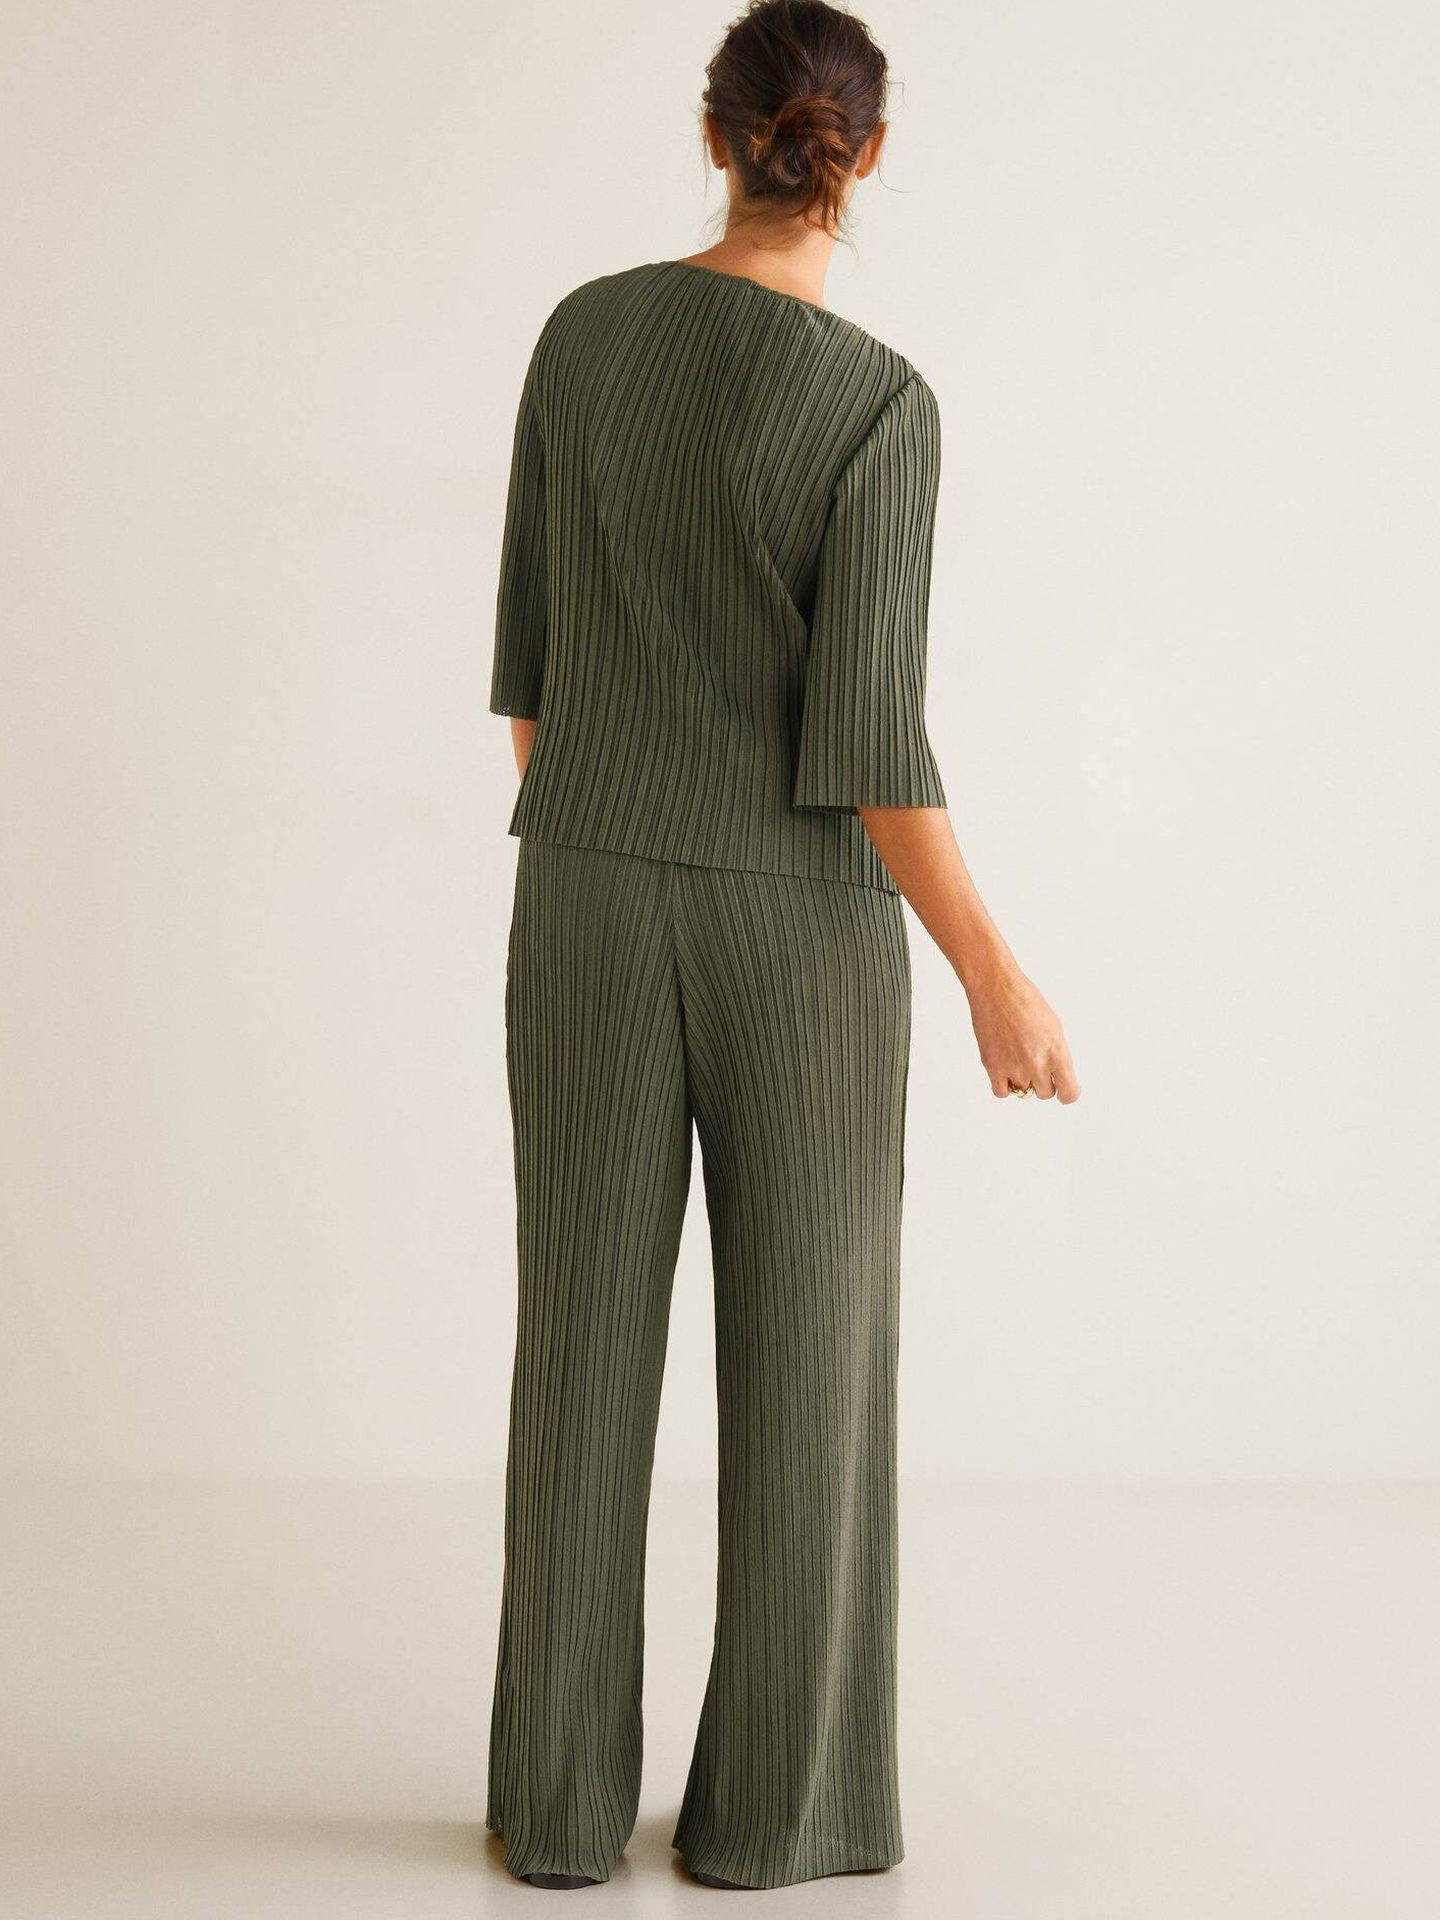 Pantalón y blusa pijamera de Mango Outlet. (Cortesía)